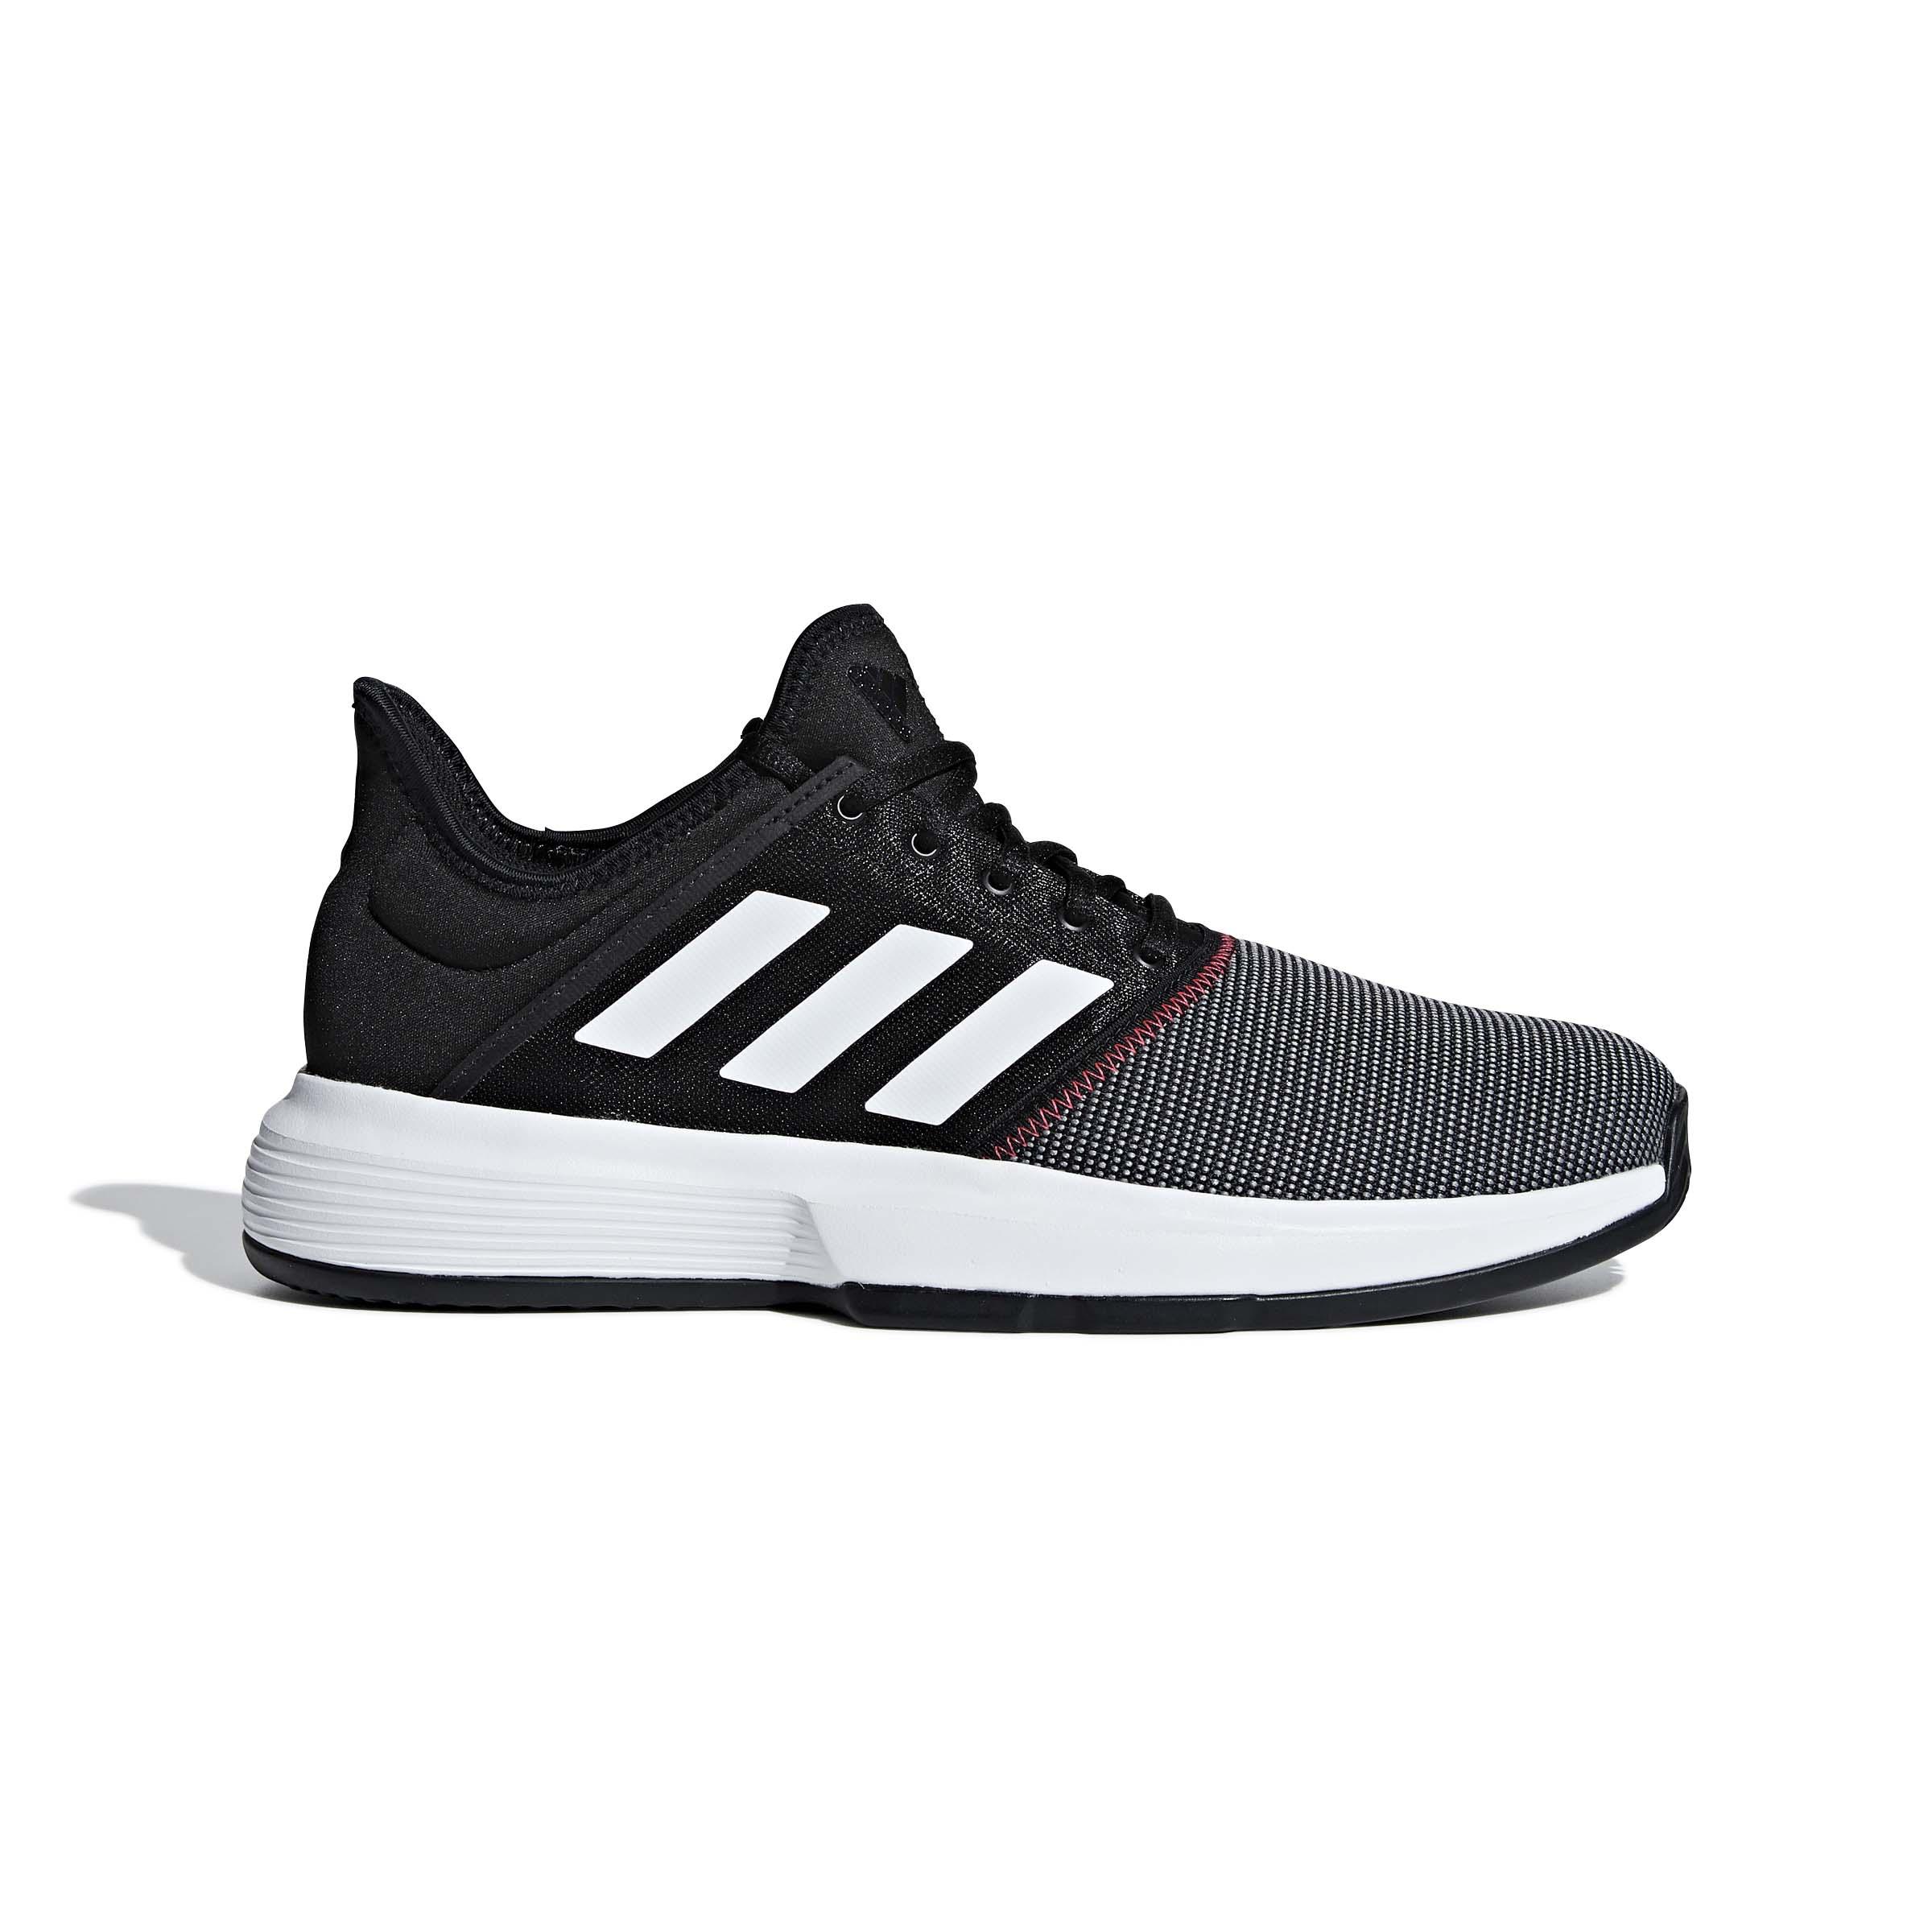 Adidas גברים - נעלי טניס